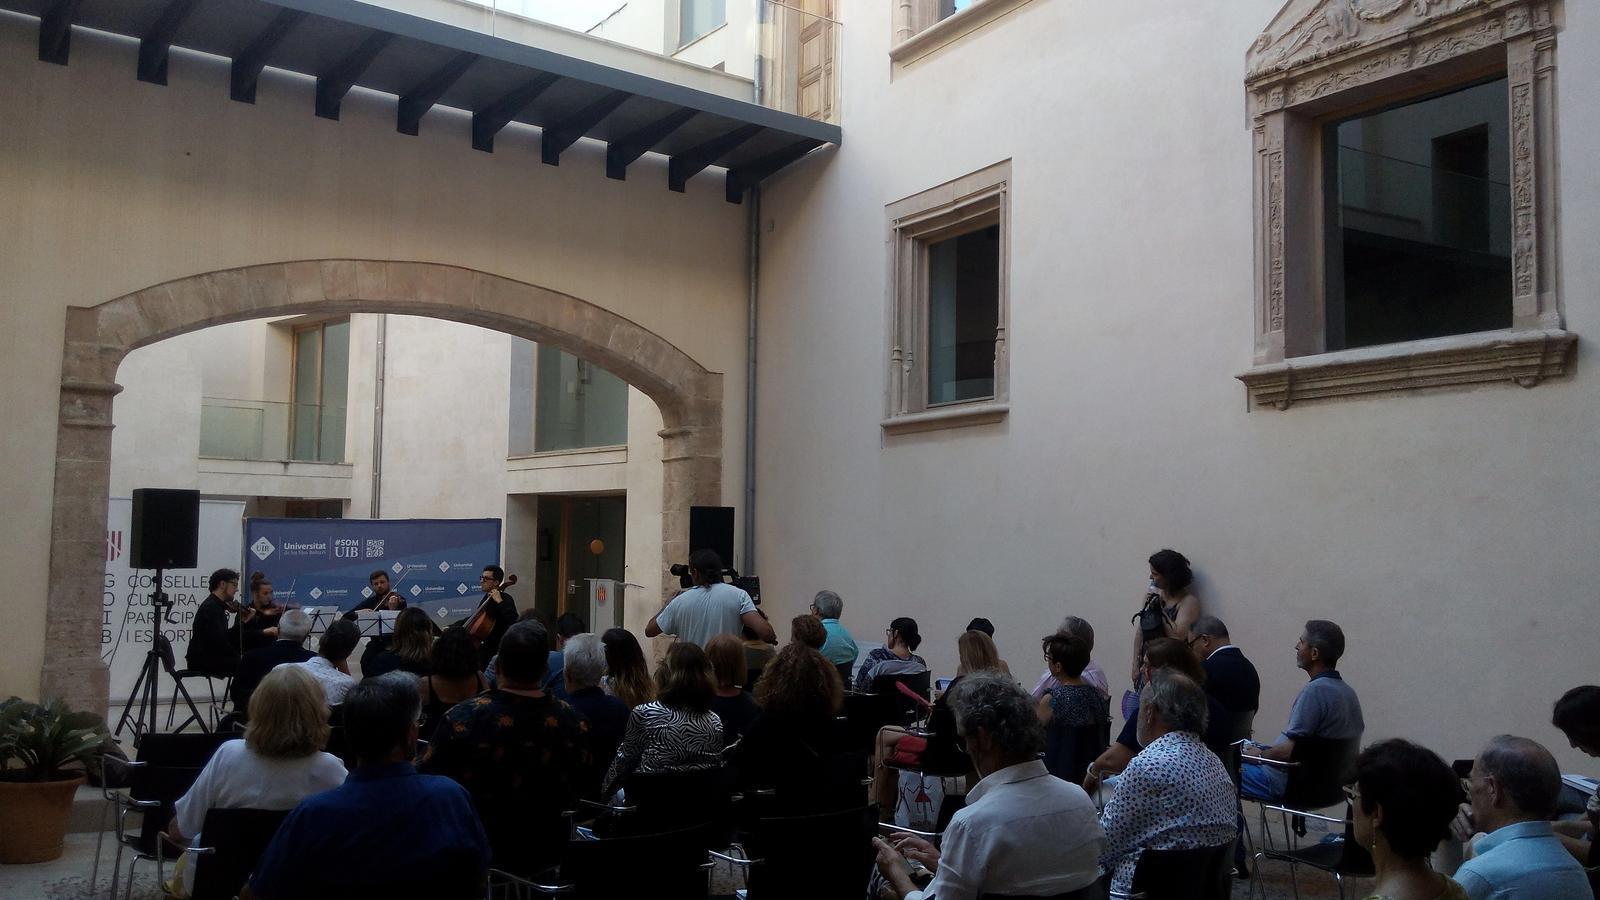 El concert de l'orquestra de la UIB ha donat cloenda a l'acte a Can n'Oleo./ M.J. RIBAS